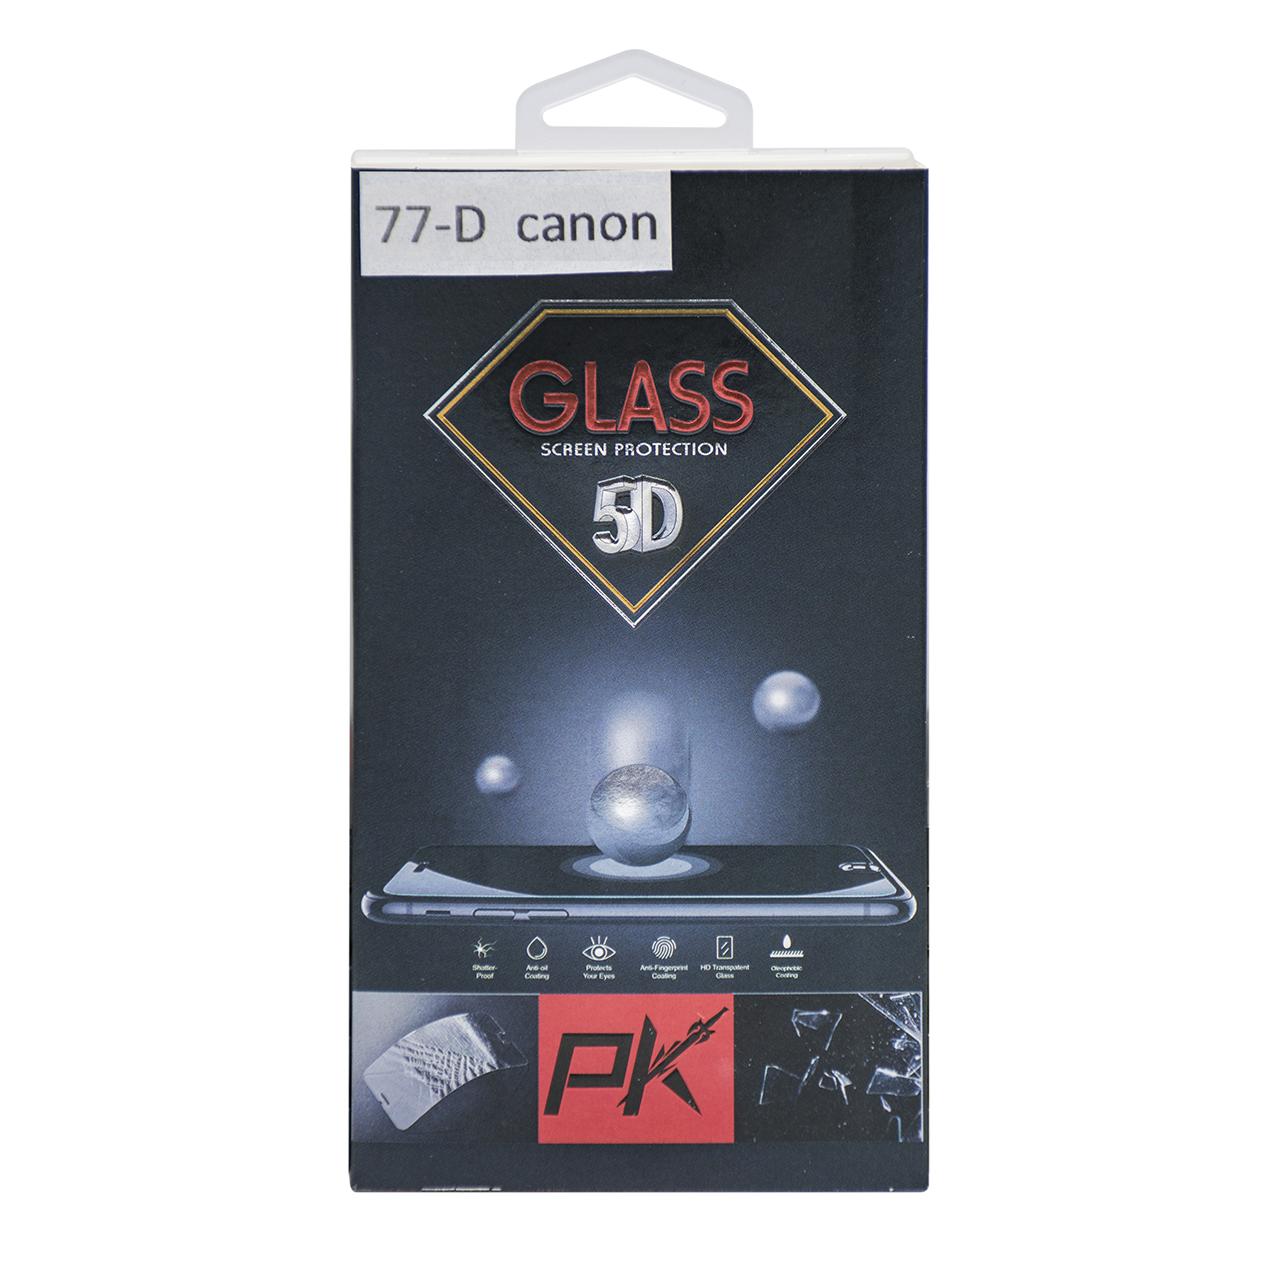 محافظ صفحه نمایش دوربین پی کی مدل P77D مناسب برای کانن 77D